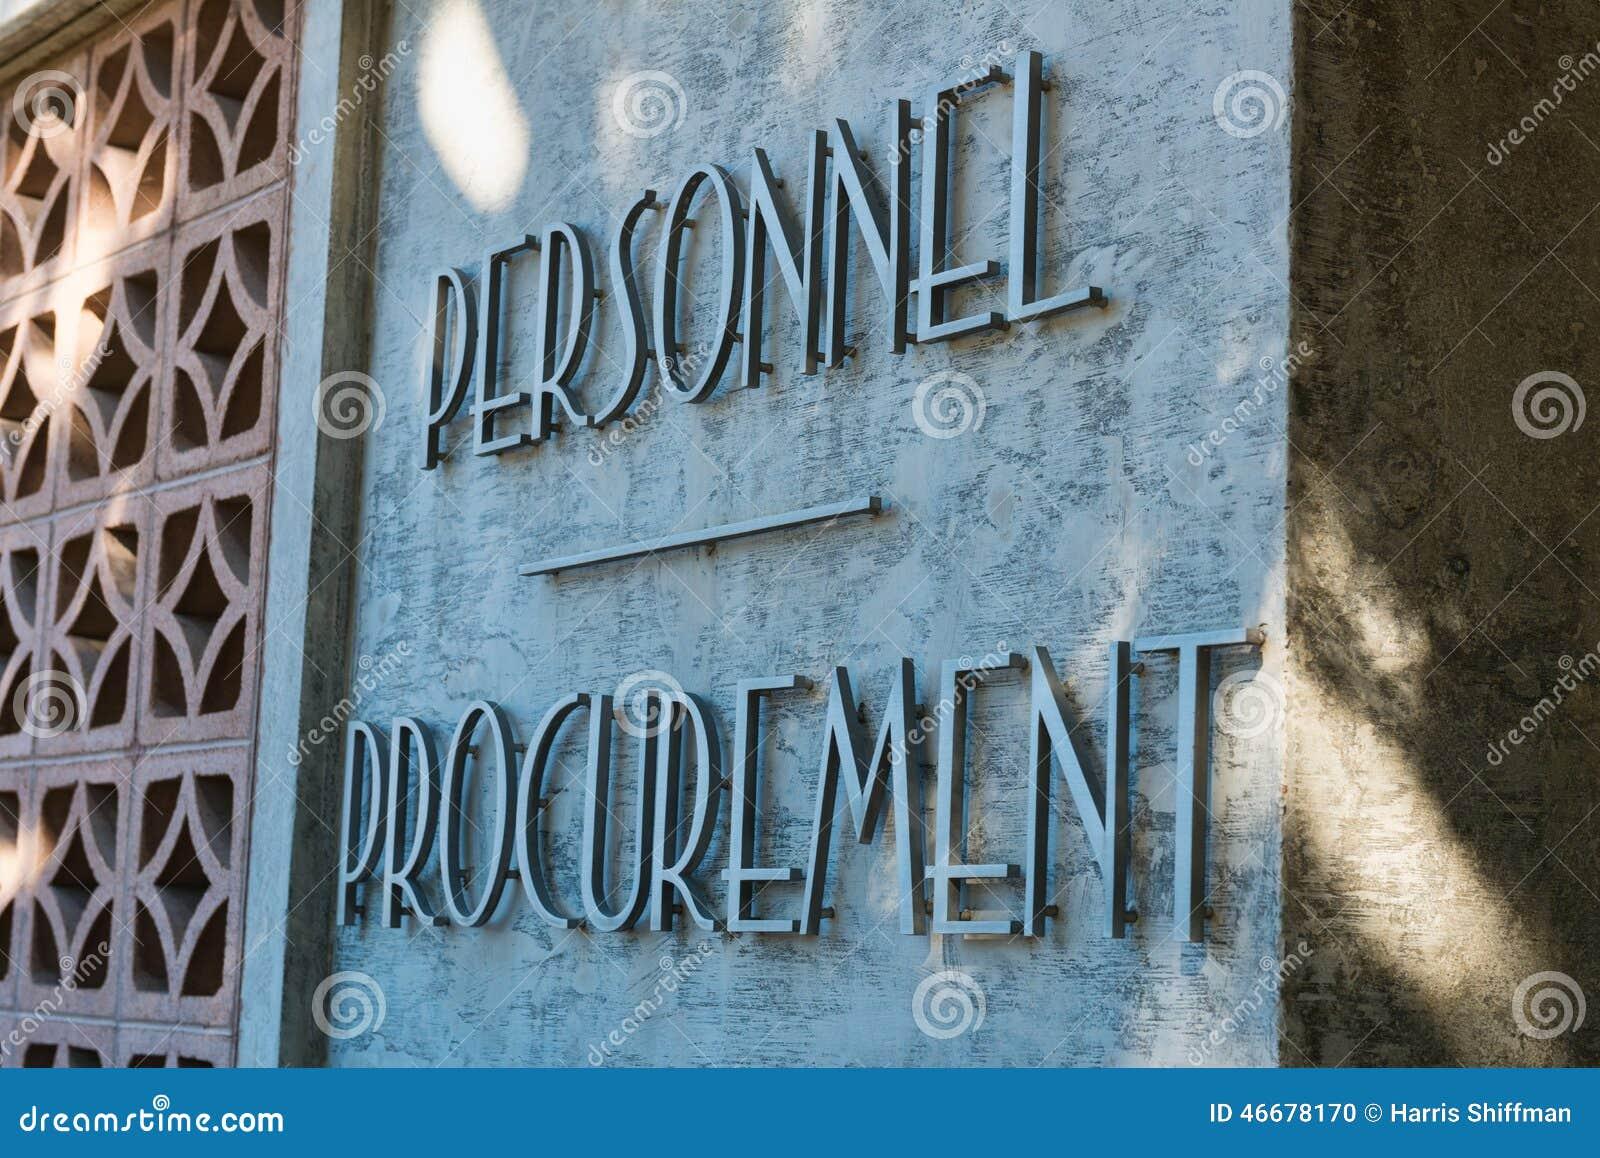 Personnel Procurement